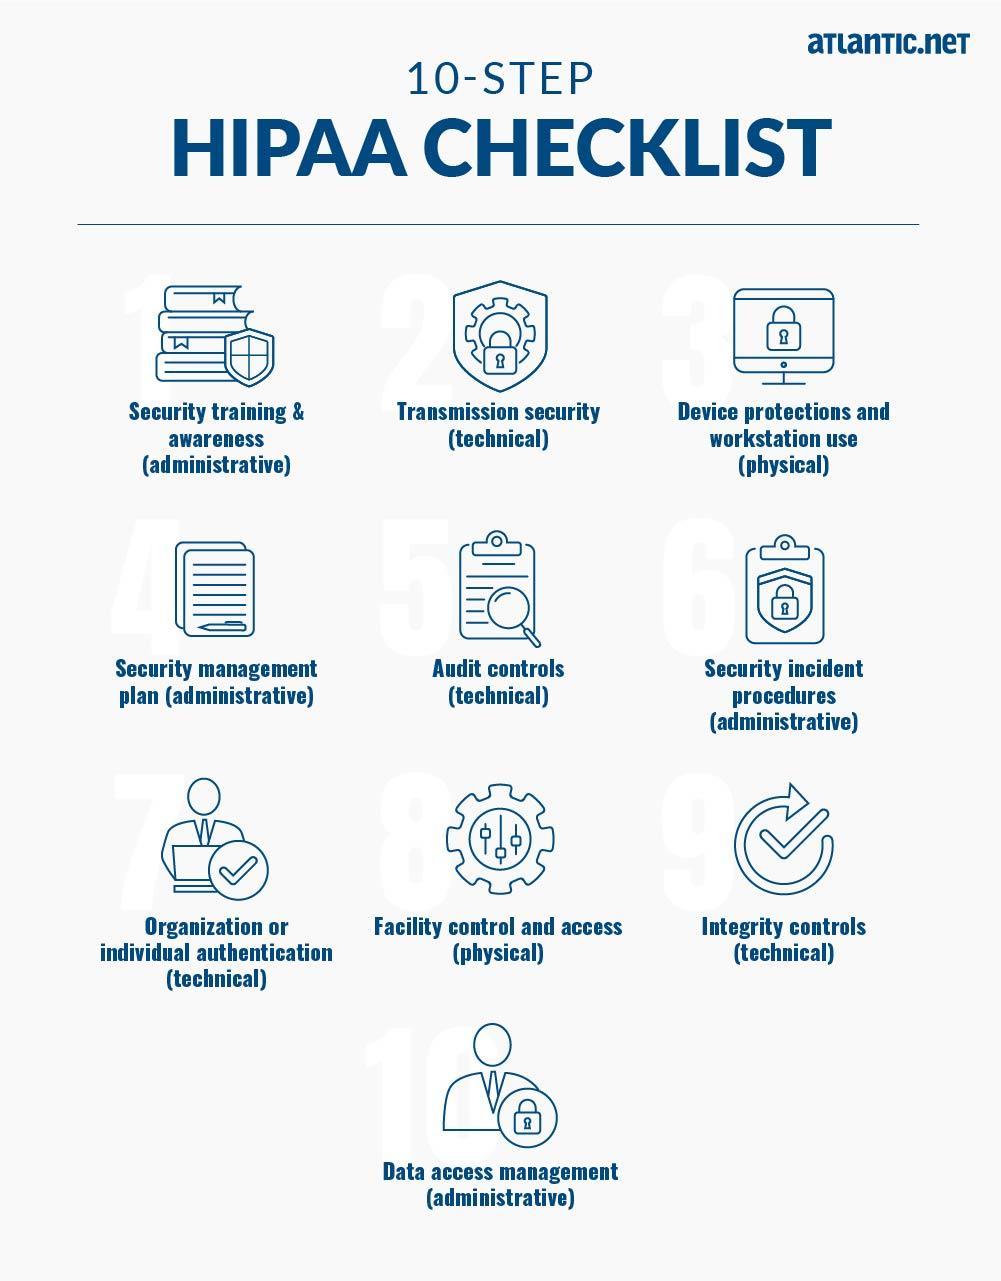 HIPAA-Compliant File Transfer Checklist